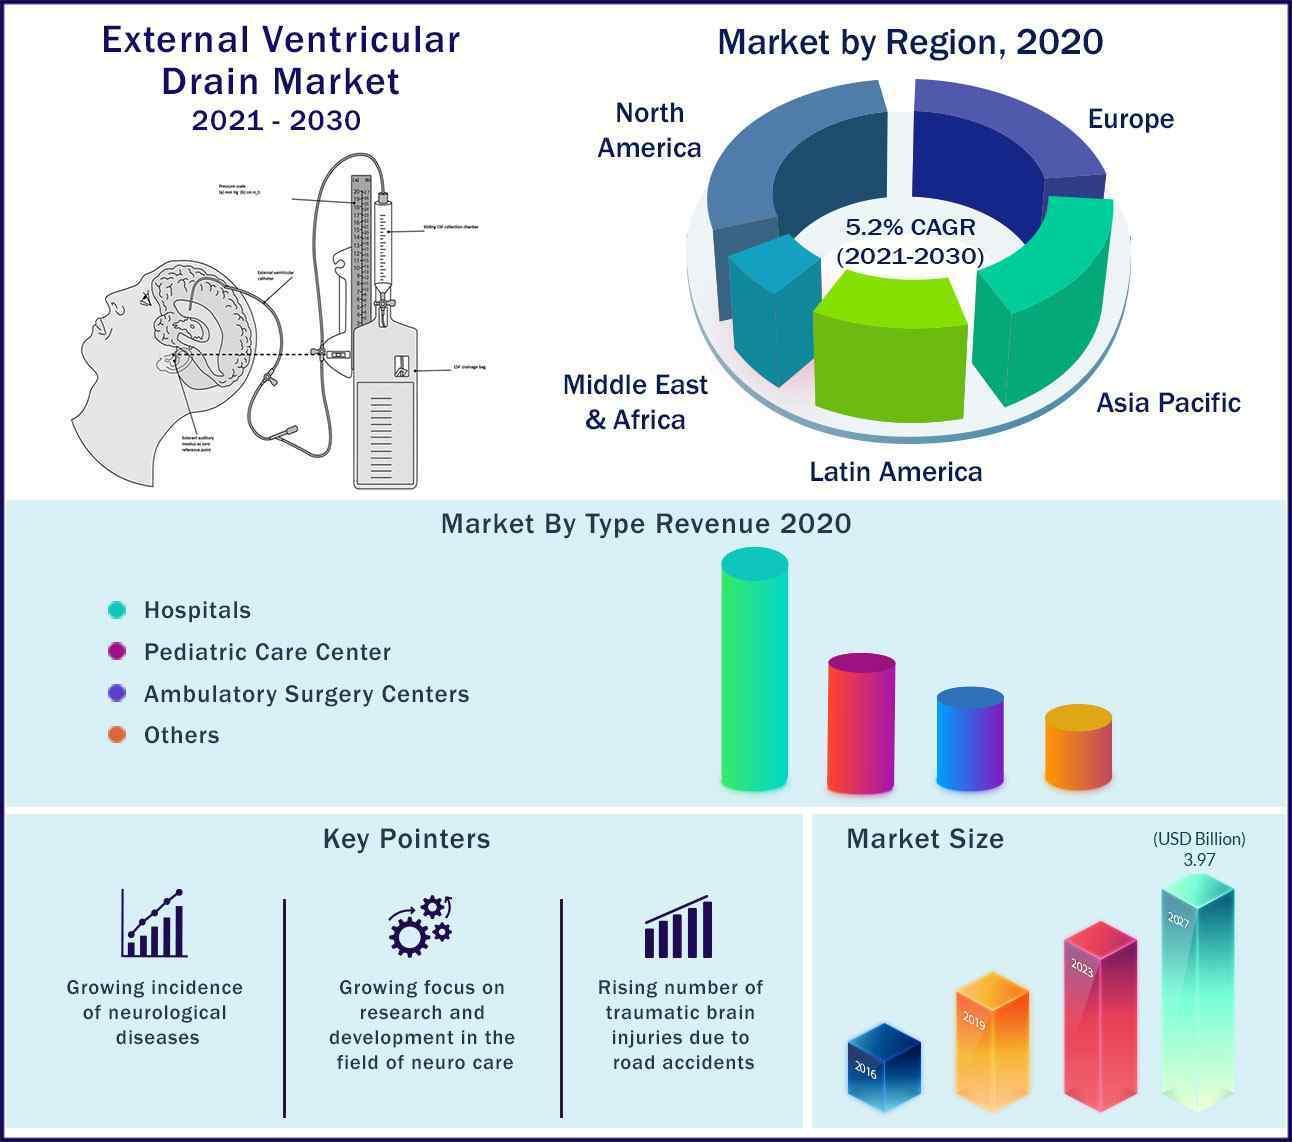 Global External Ventricular Drain Market 2021-2030